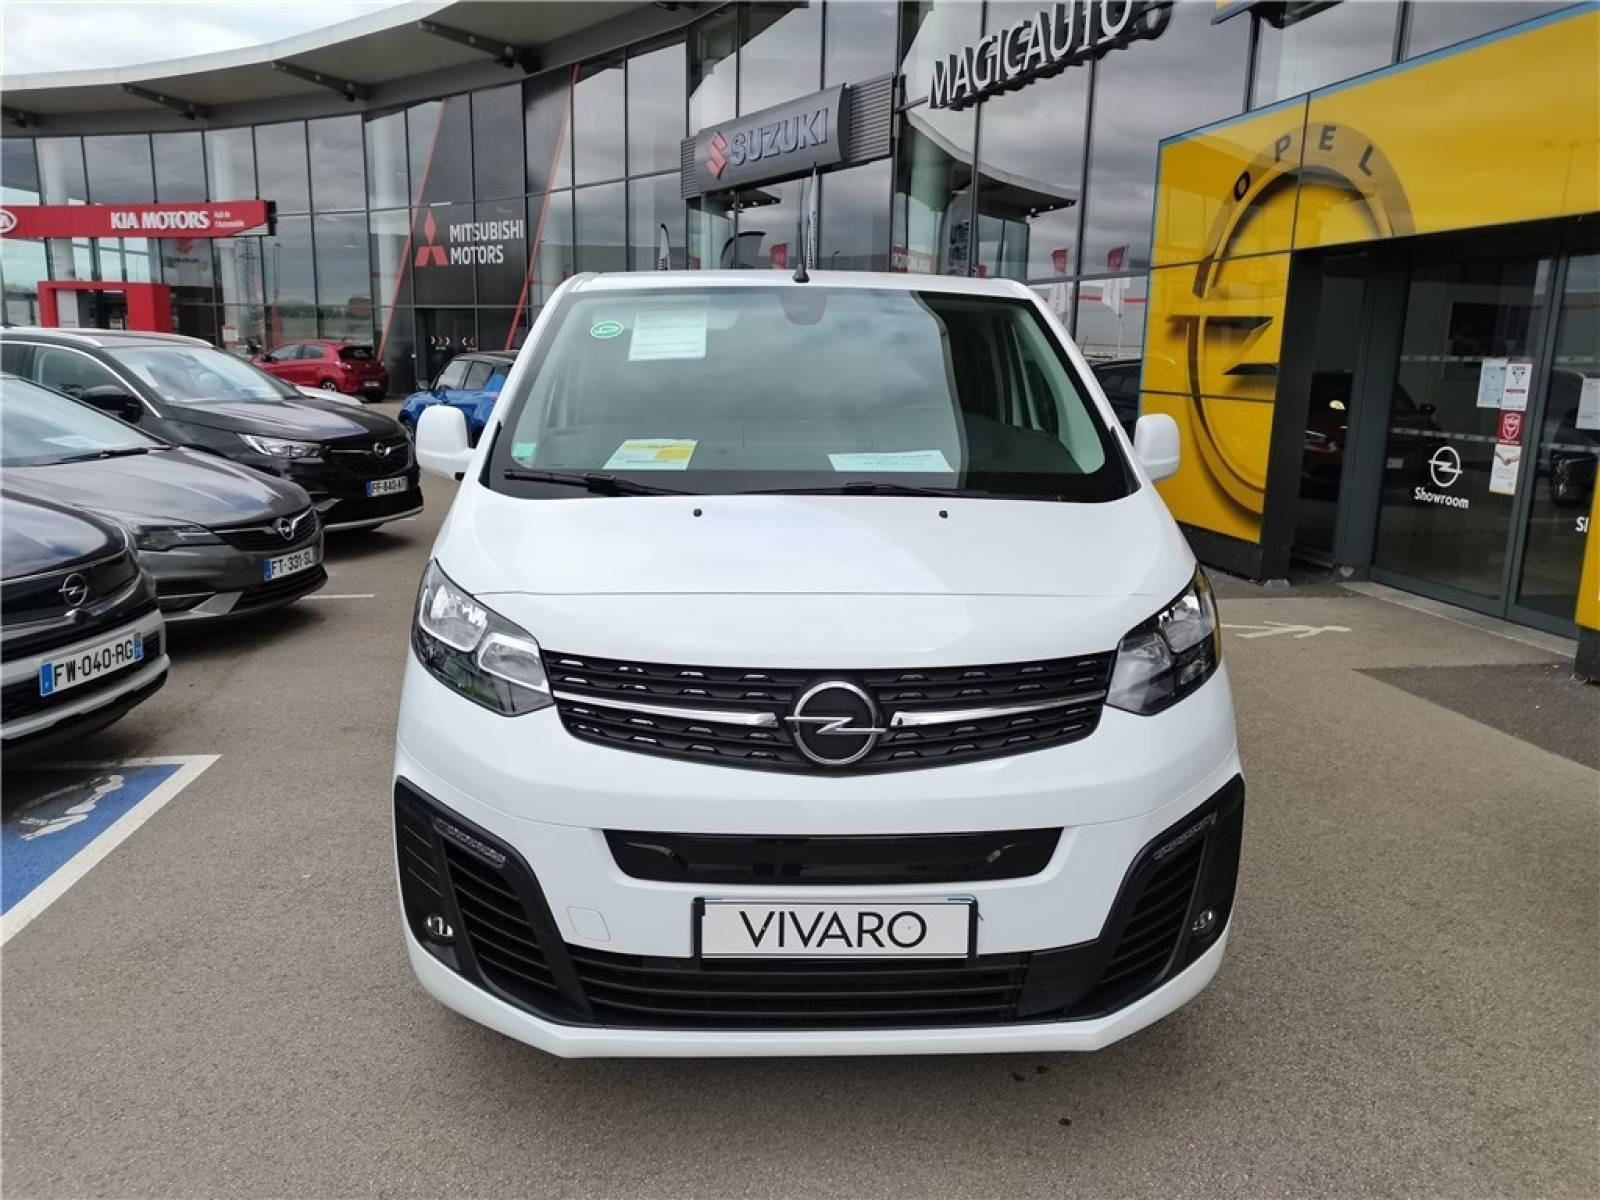 OPEL VIVARO-E FGN L2 300 - véhicule d'occasion - Groupe Guillet - Opel Magicauto - Chalon-sur-Saône - 71380 - Saint-Marcel - 4